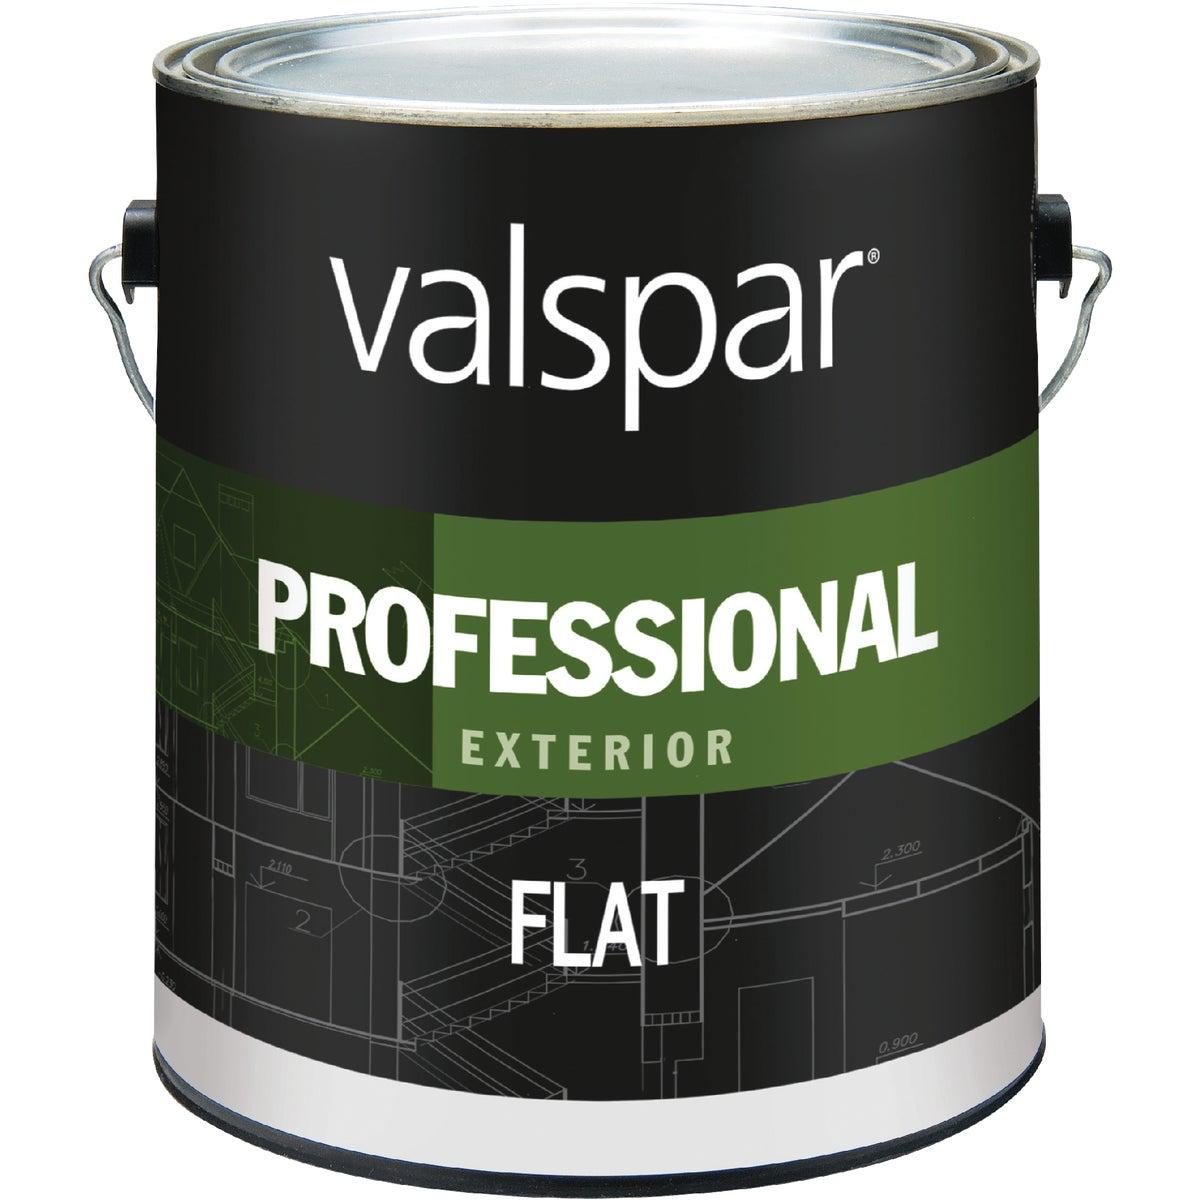 EXT FLAT LGHT BASE PAINT - 045.0012611.007 by Valspar Corp